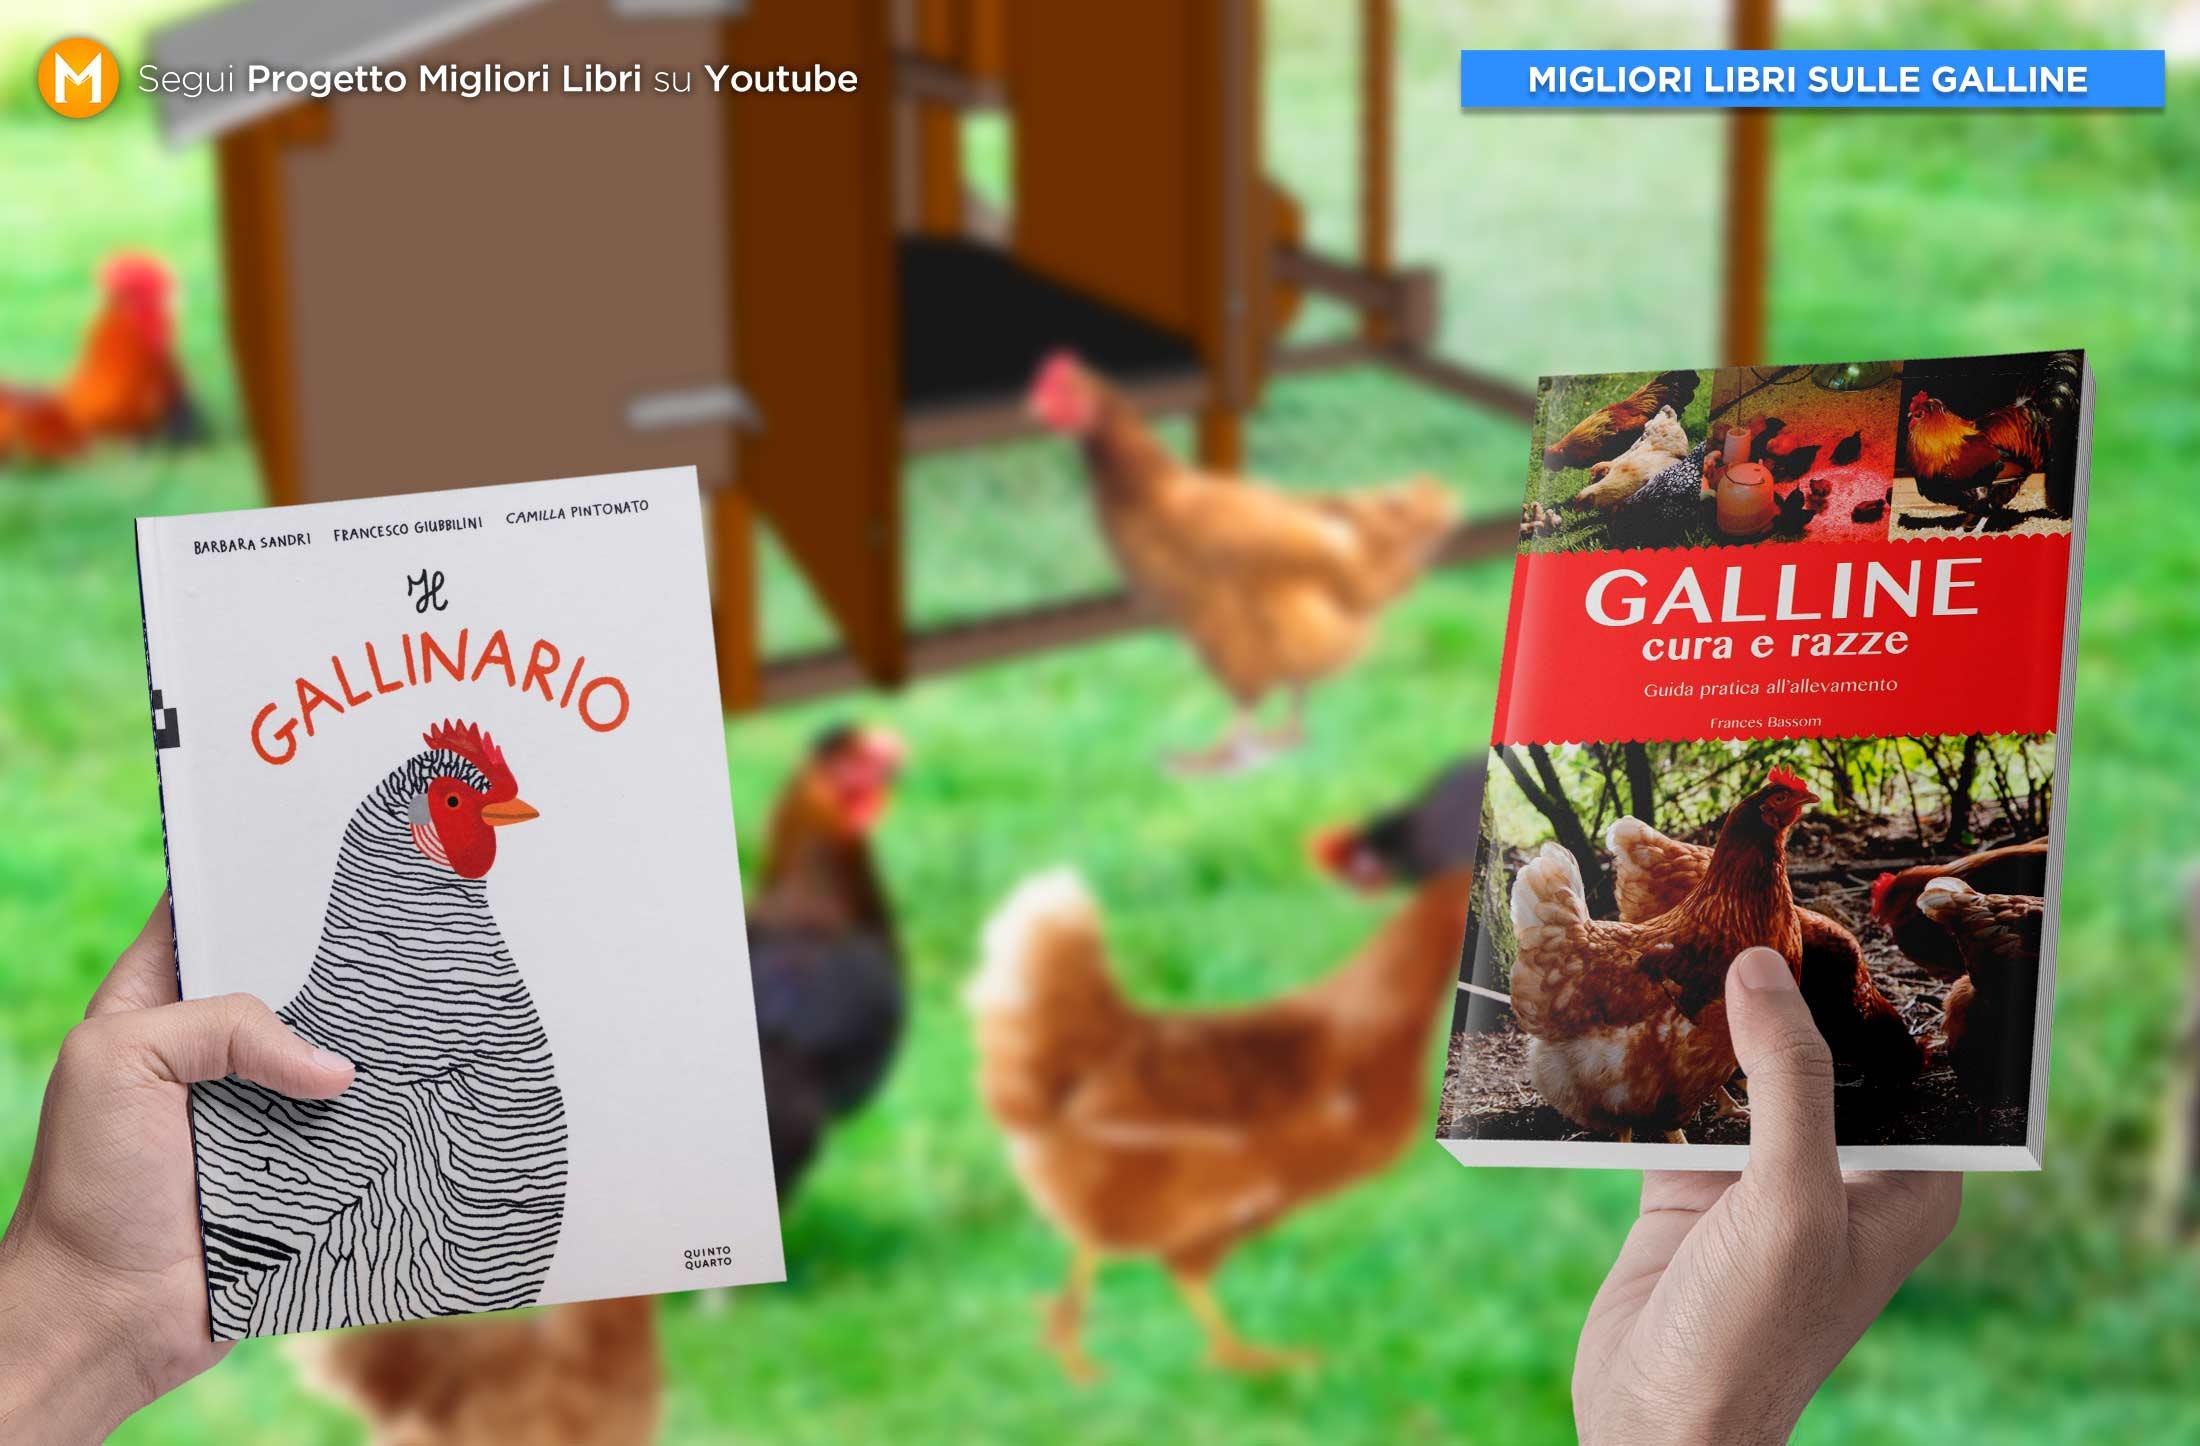 migliori-libri-sulle-galline